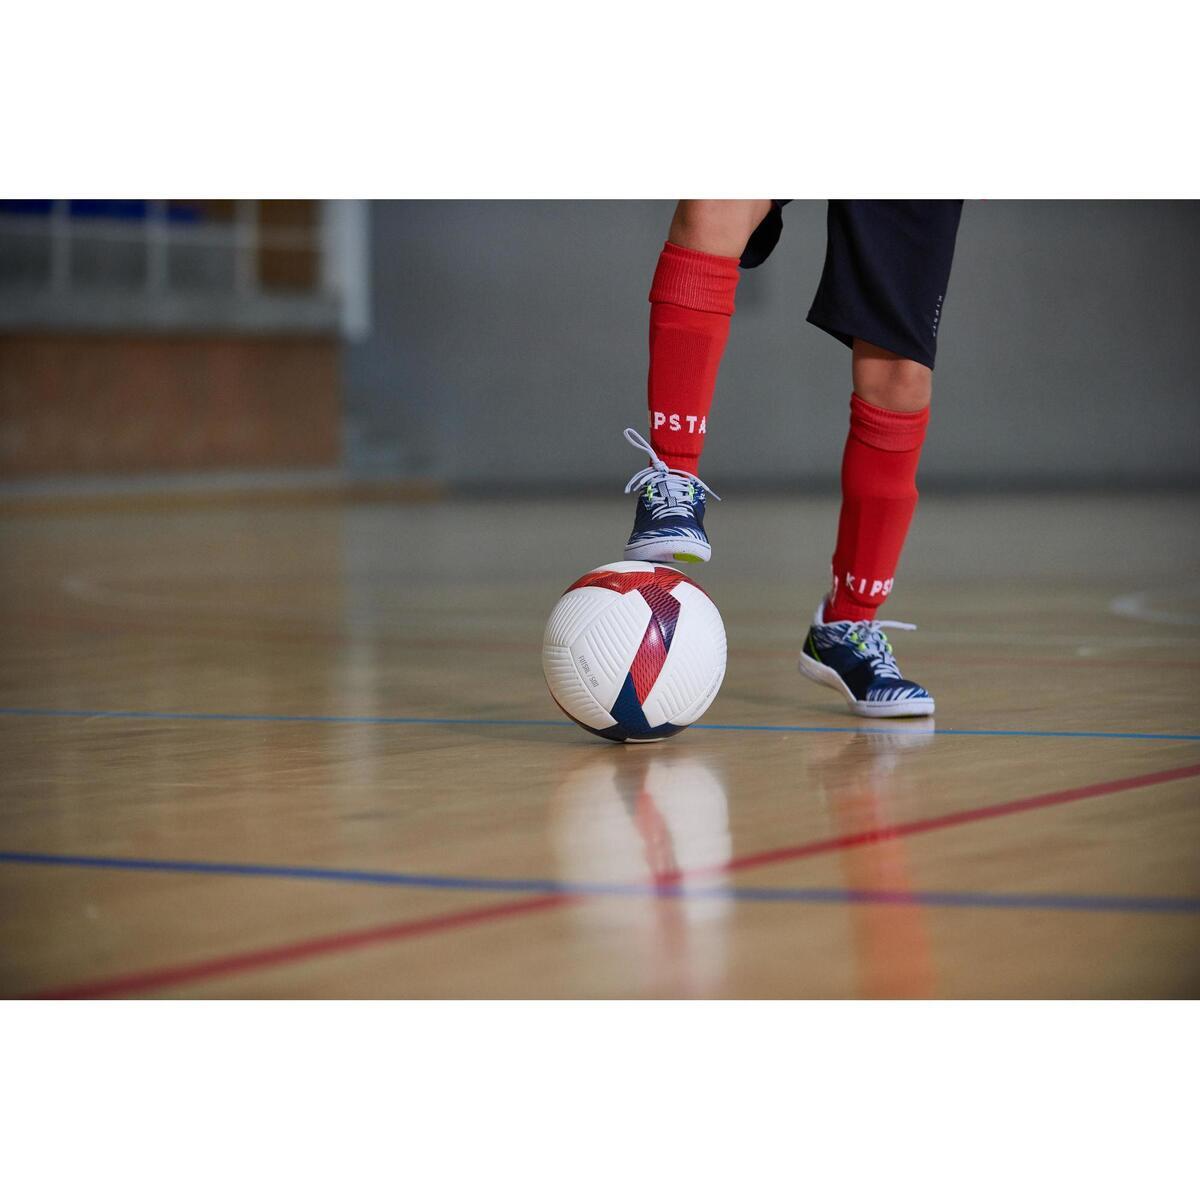 Bild 3 von Hallenschuhe Eskudo 500 Futsal Kinder blau/grau